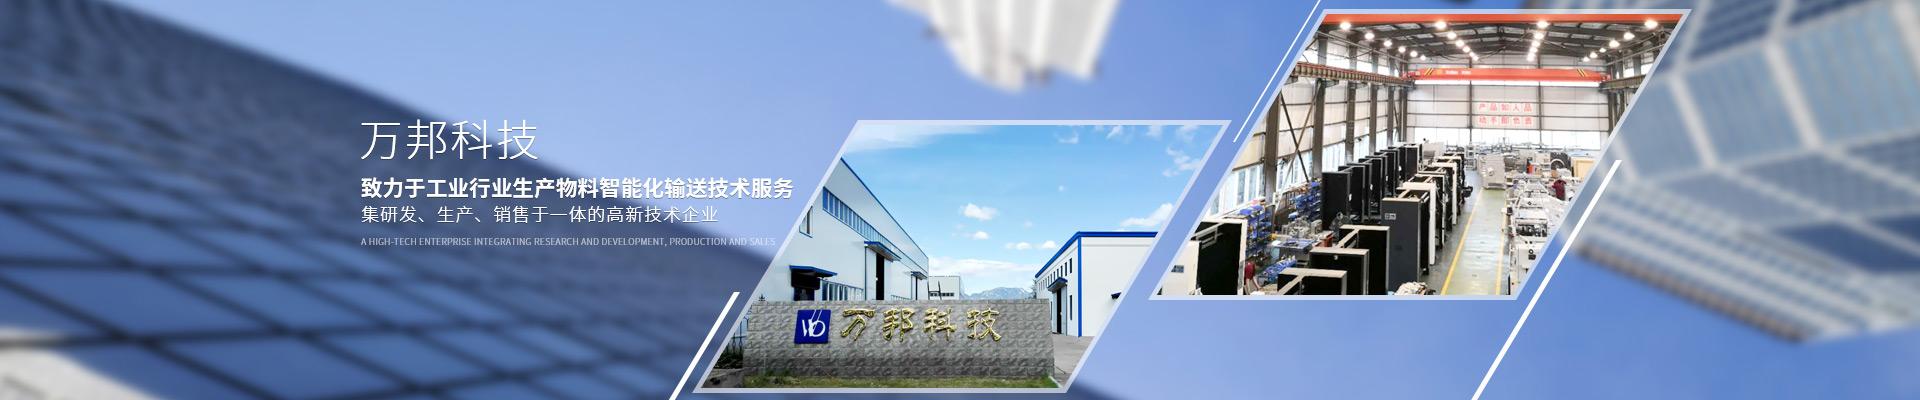 万邦科技,致力于工业行业生产物料智能化输送技术服务